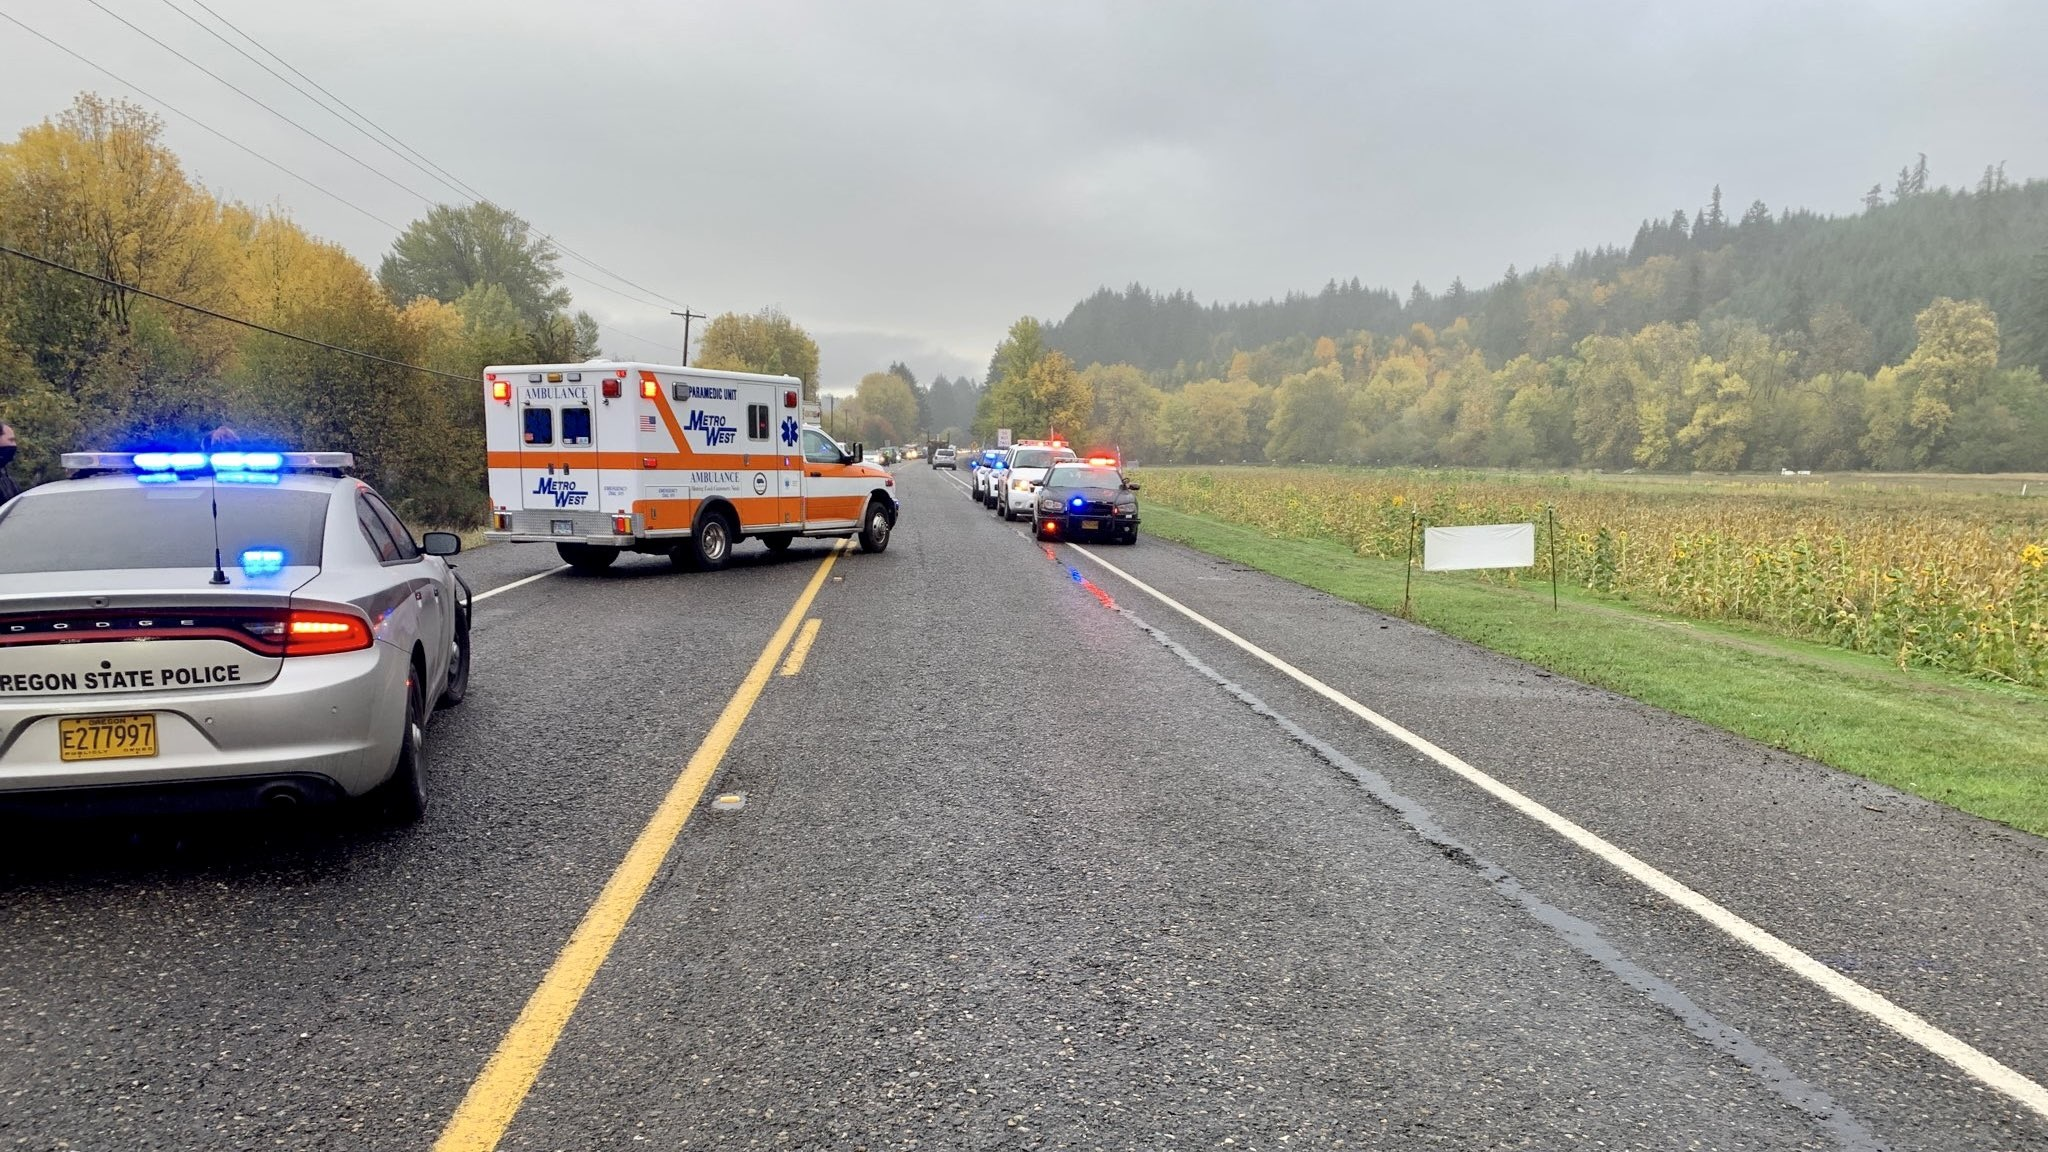 Fatal crash Hwy 26